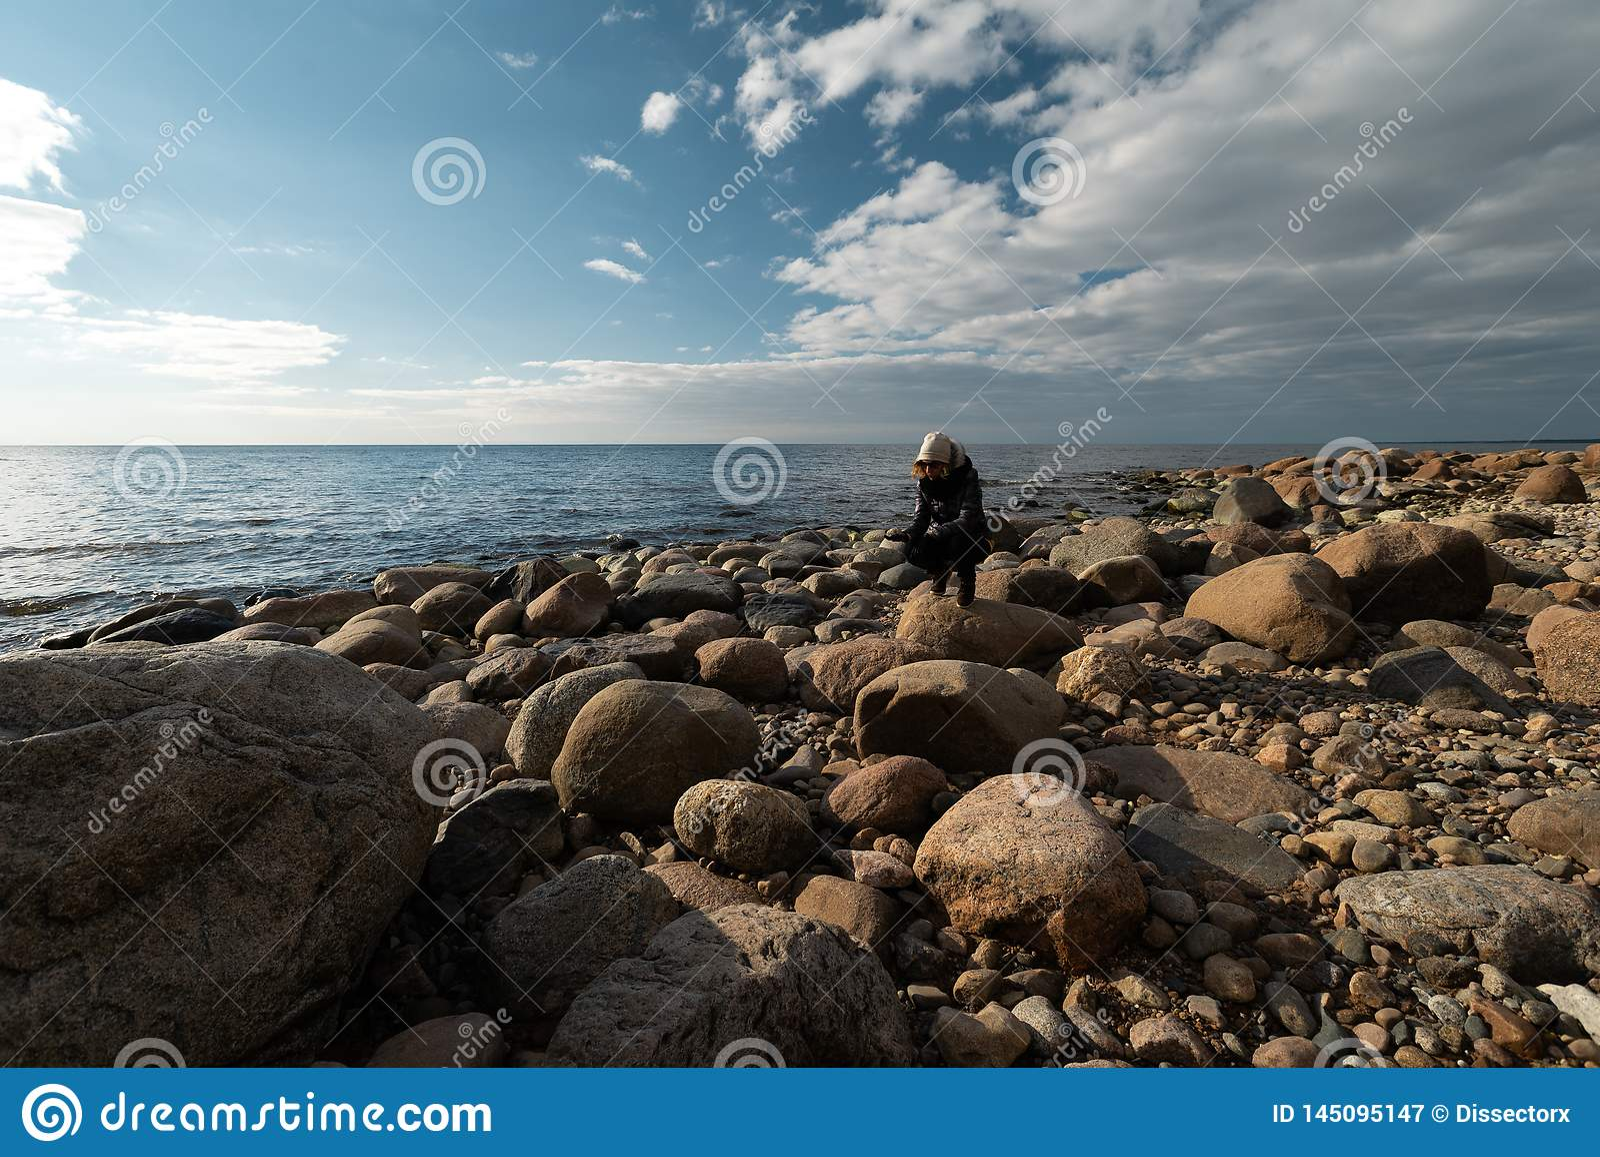 Jonge archeoloog op een keistrand die exotische rotsen op een kustlijn van een Oostzee zoeken